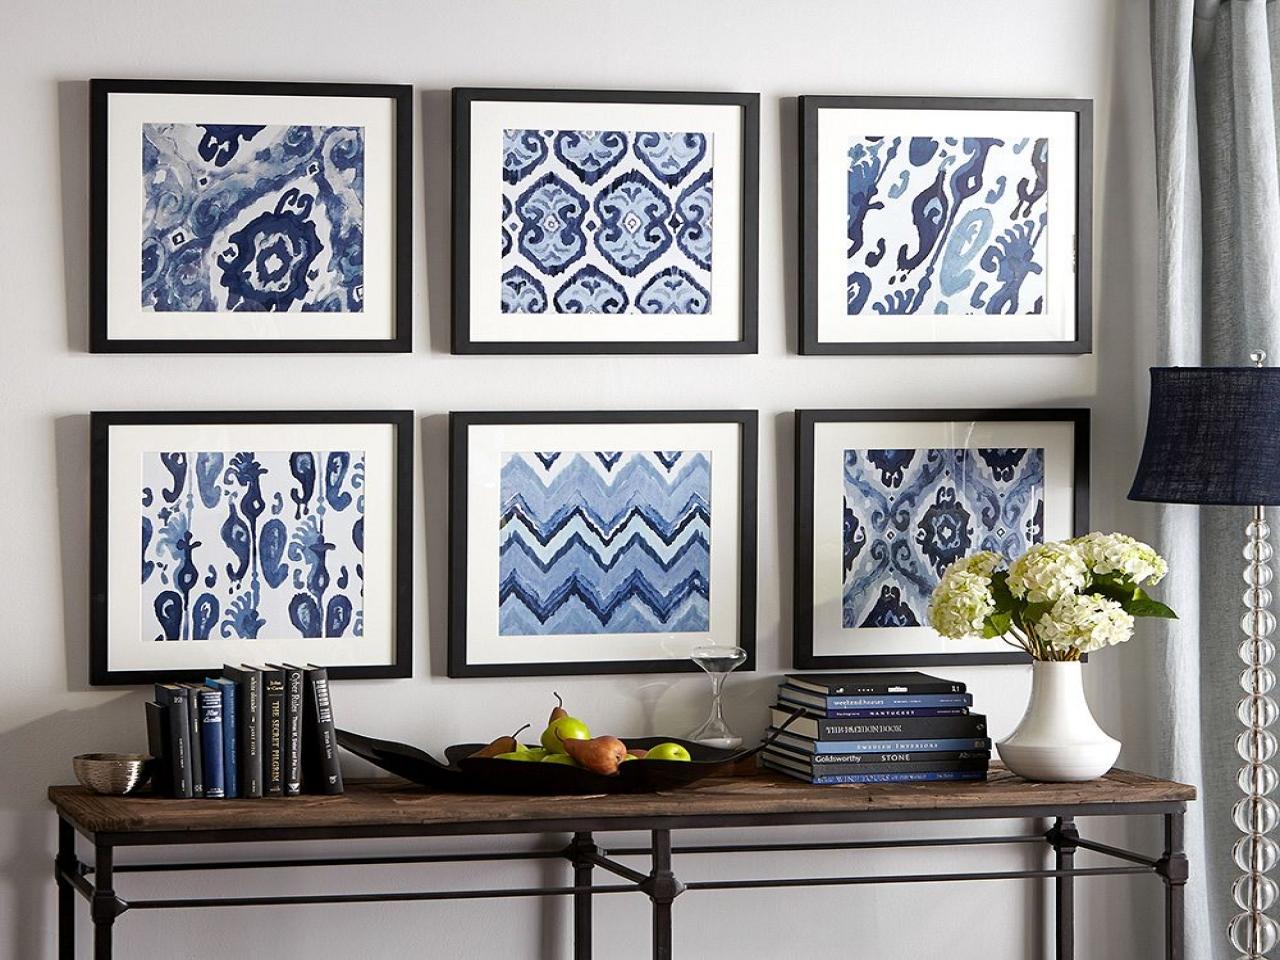 ideas creativas para decorar con papel pintado, seis cuadros decorativos con trozos de papel pintado ornamentado en azul y blanco